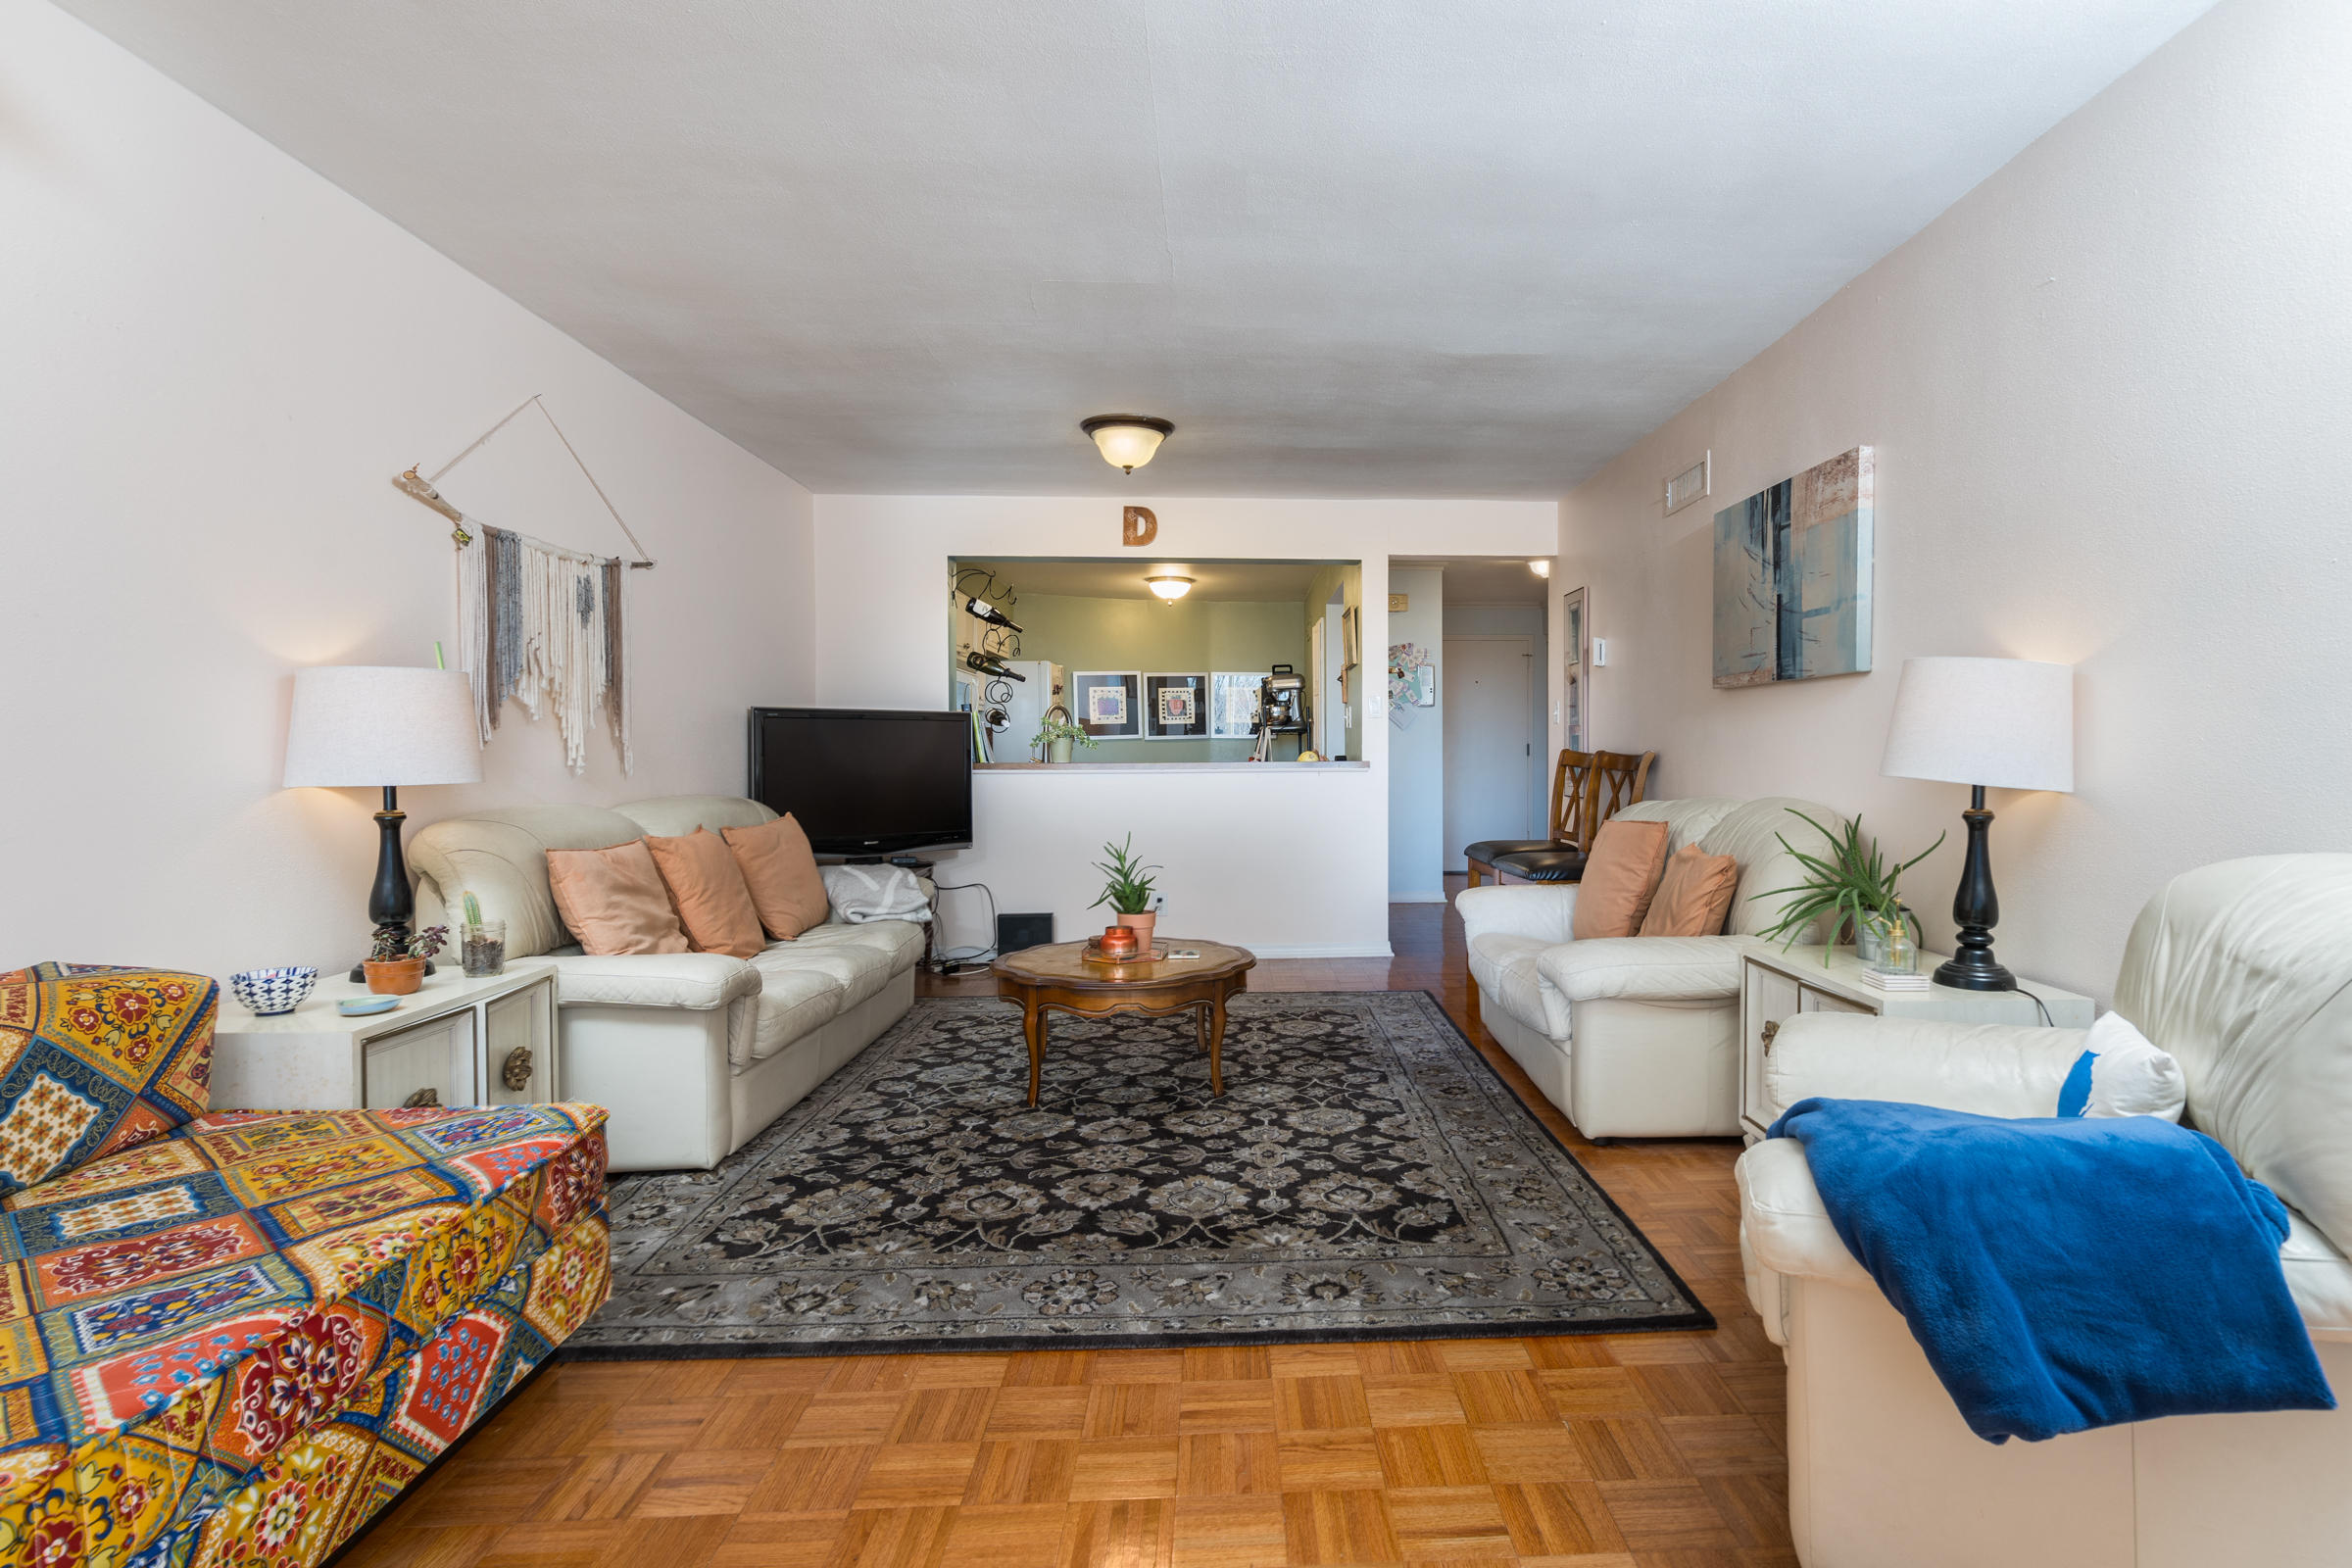 2525 Shore Dr, Milwaukee, Wisconsin 53207, 1 Bedroom Bedrooms, ,1 BathroomBathrooms,Condominium,For Sale,Shore Dr,1718326